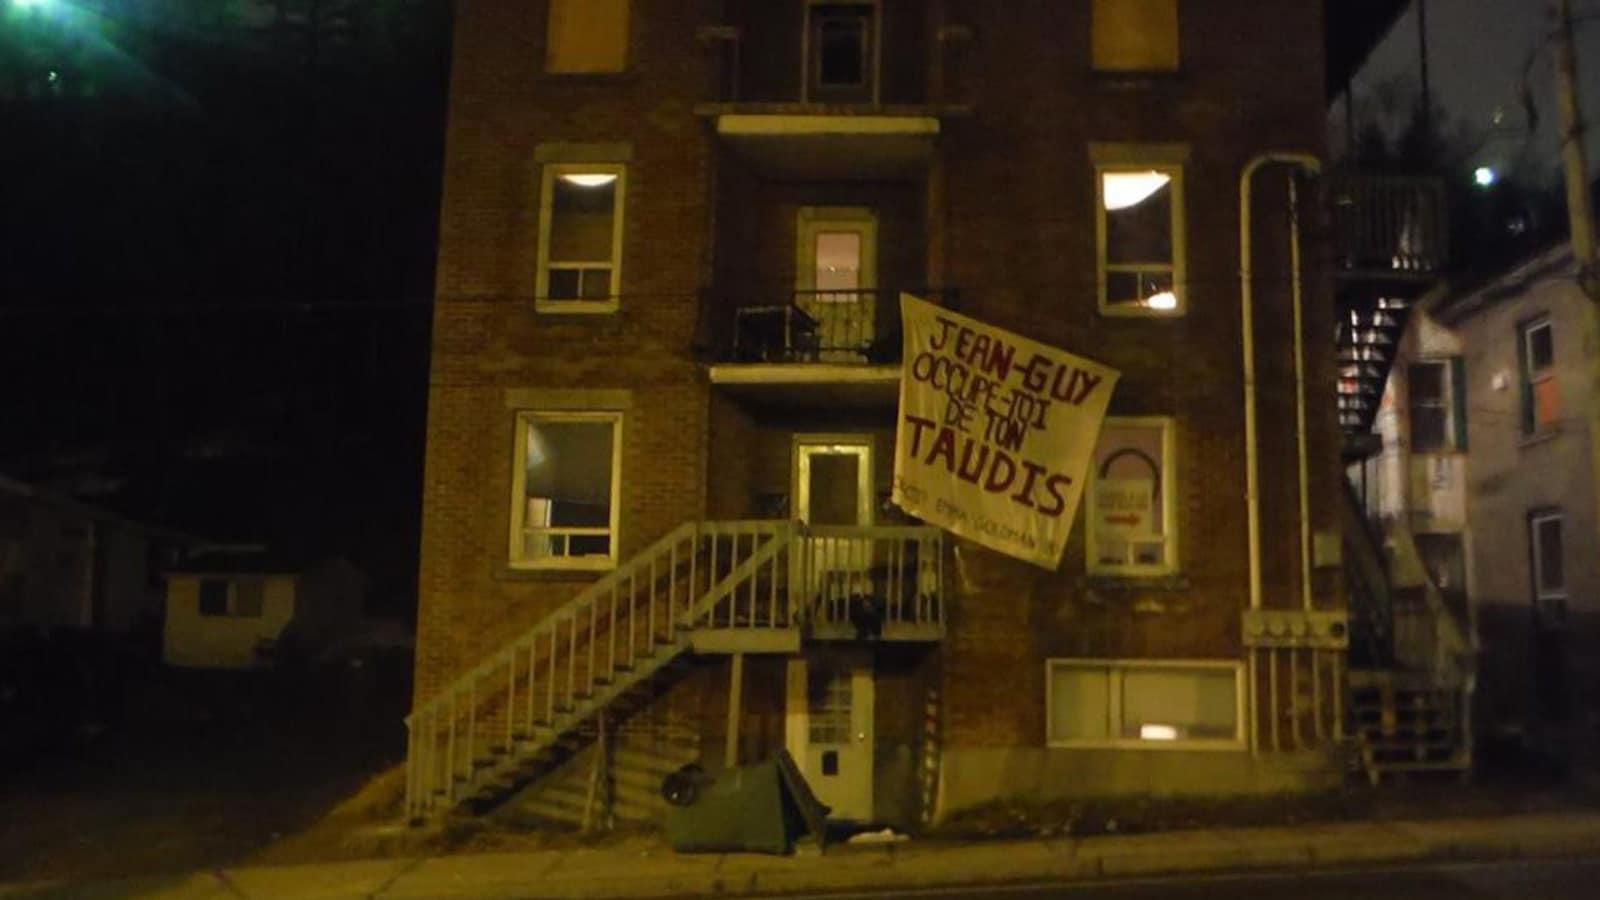 Une affiche qui est inscrit : Jean-Guy, occupe-toi de ton taudis est accroché sur l'immeuble d'un logement.